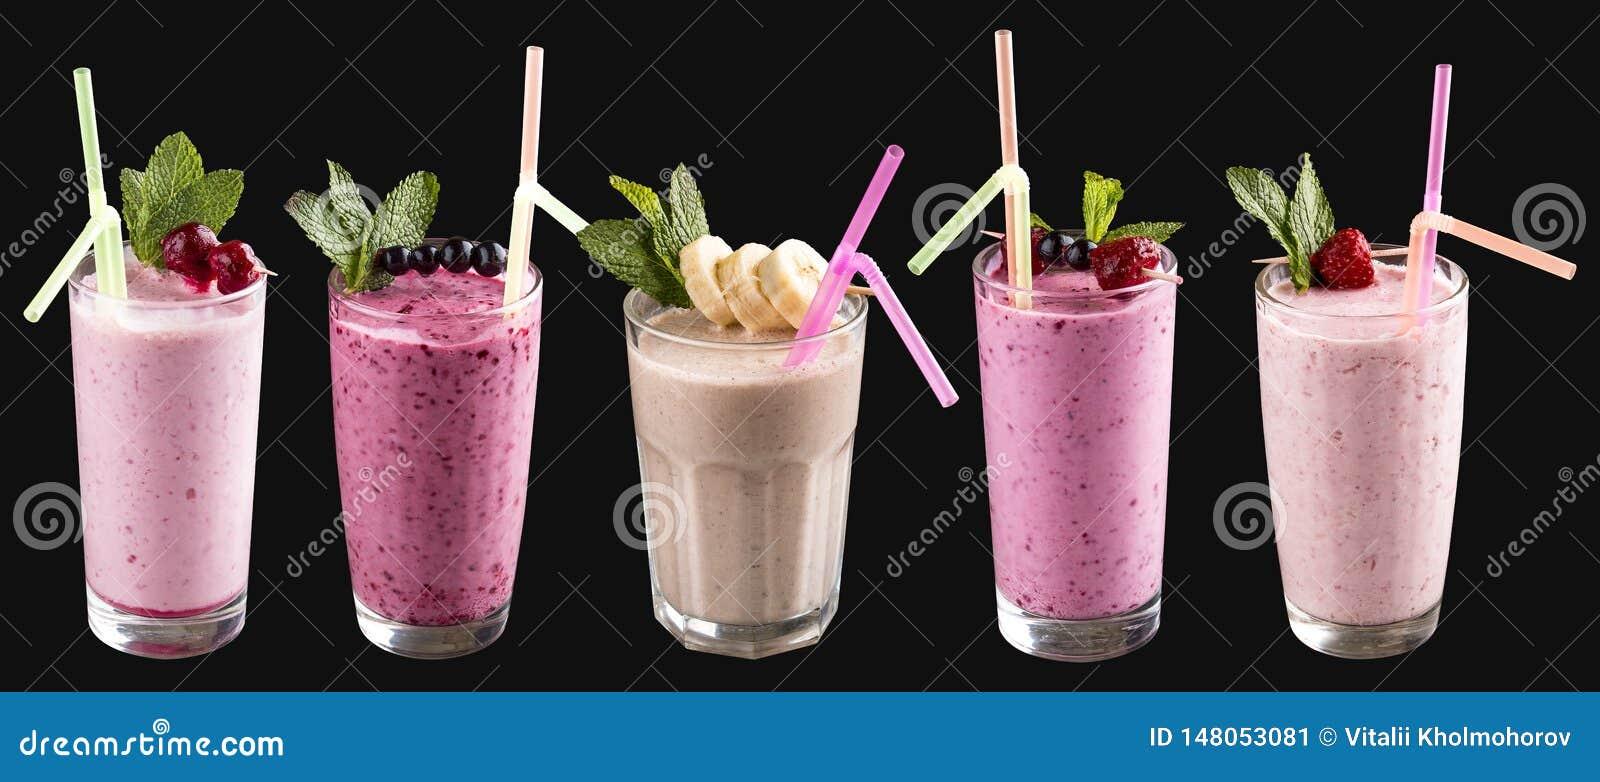 Набор milkshakes и smoothies в стеклах